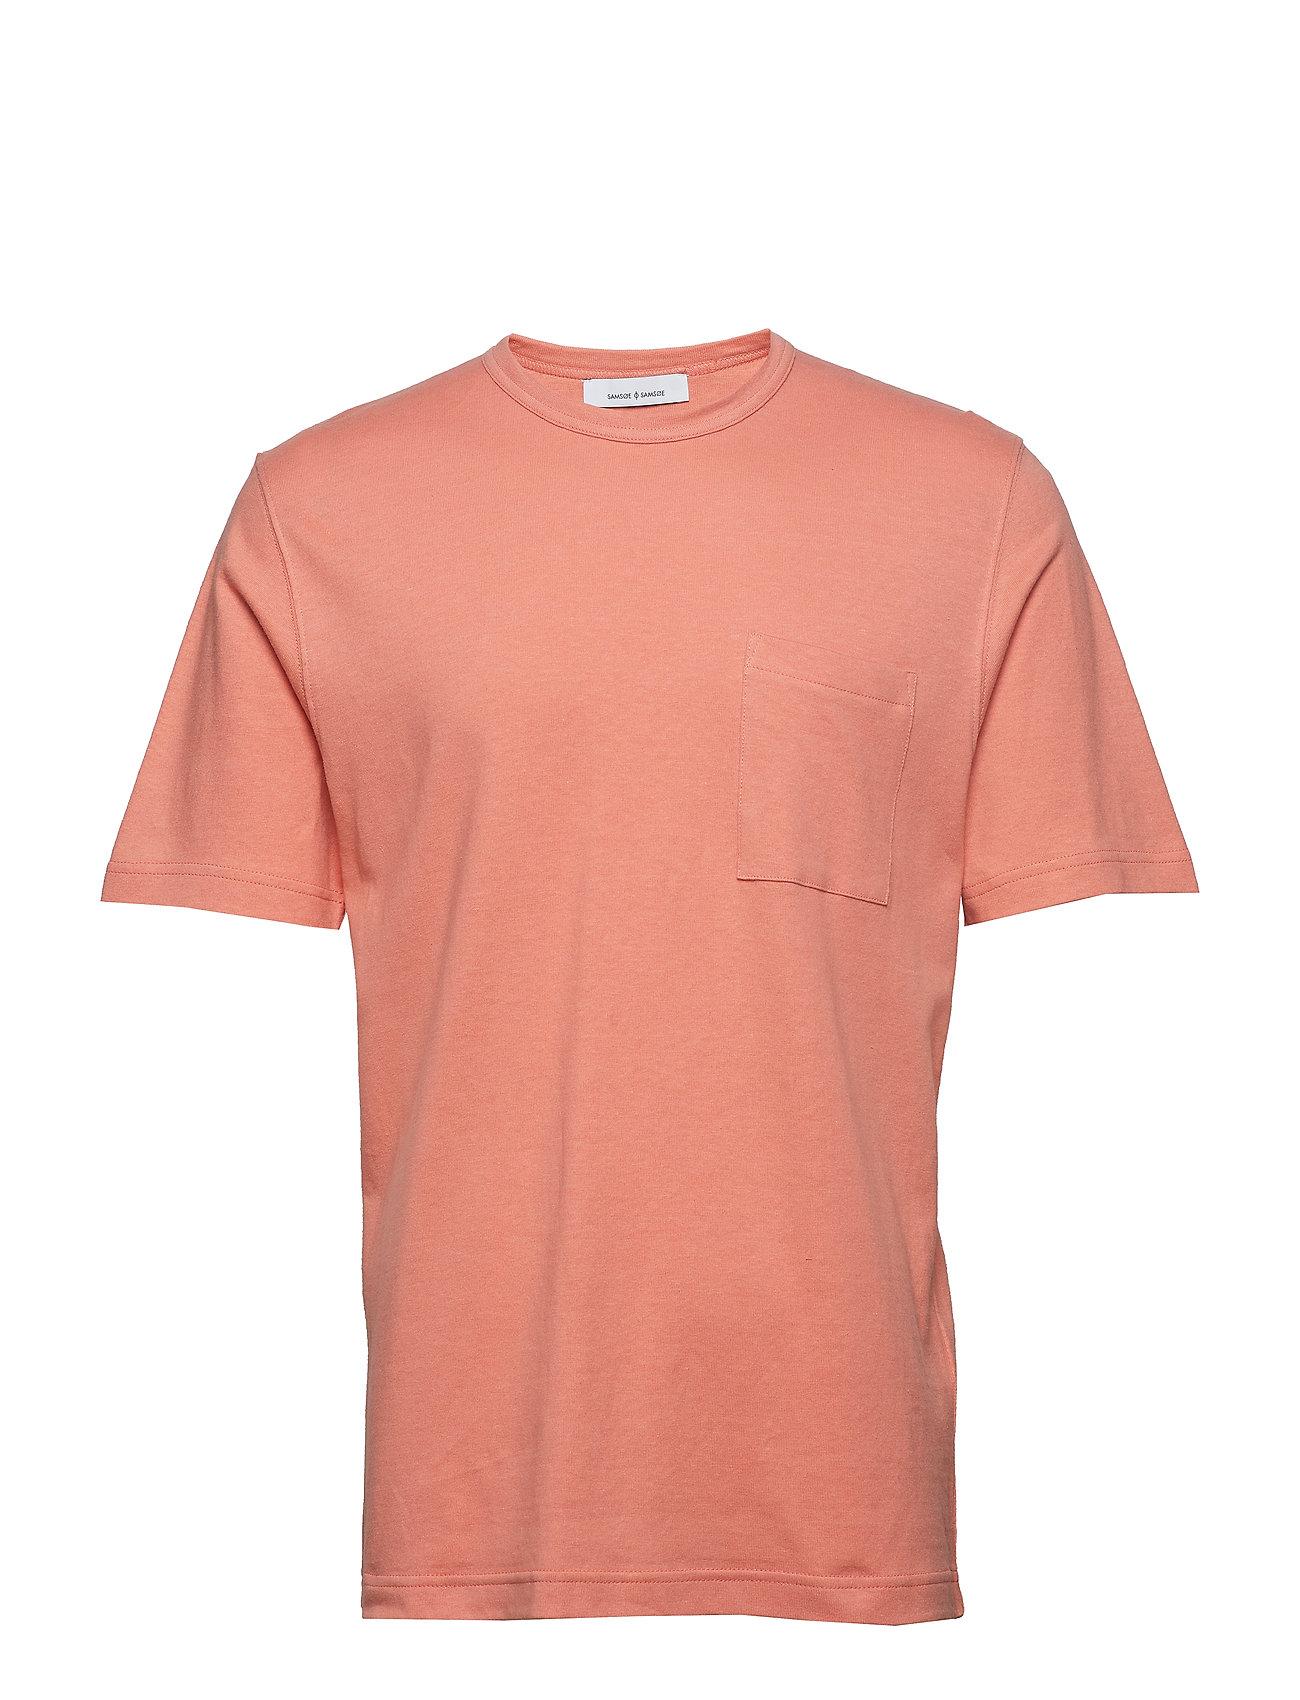 Samsøe & Samsøe Bredebro t-shirt 9662 - TERRA COTTA